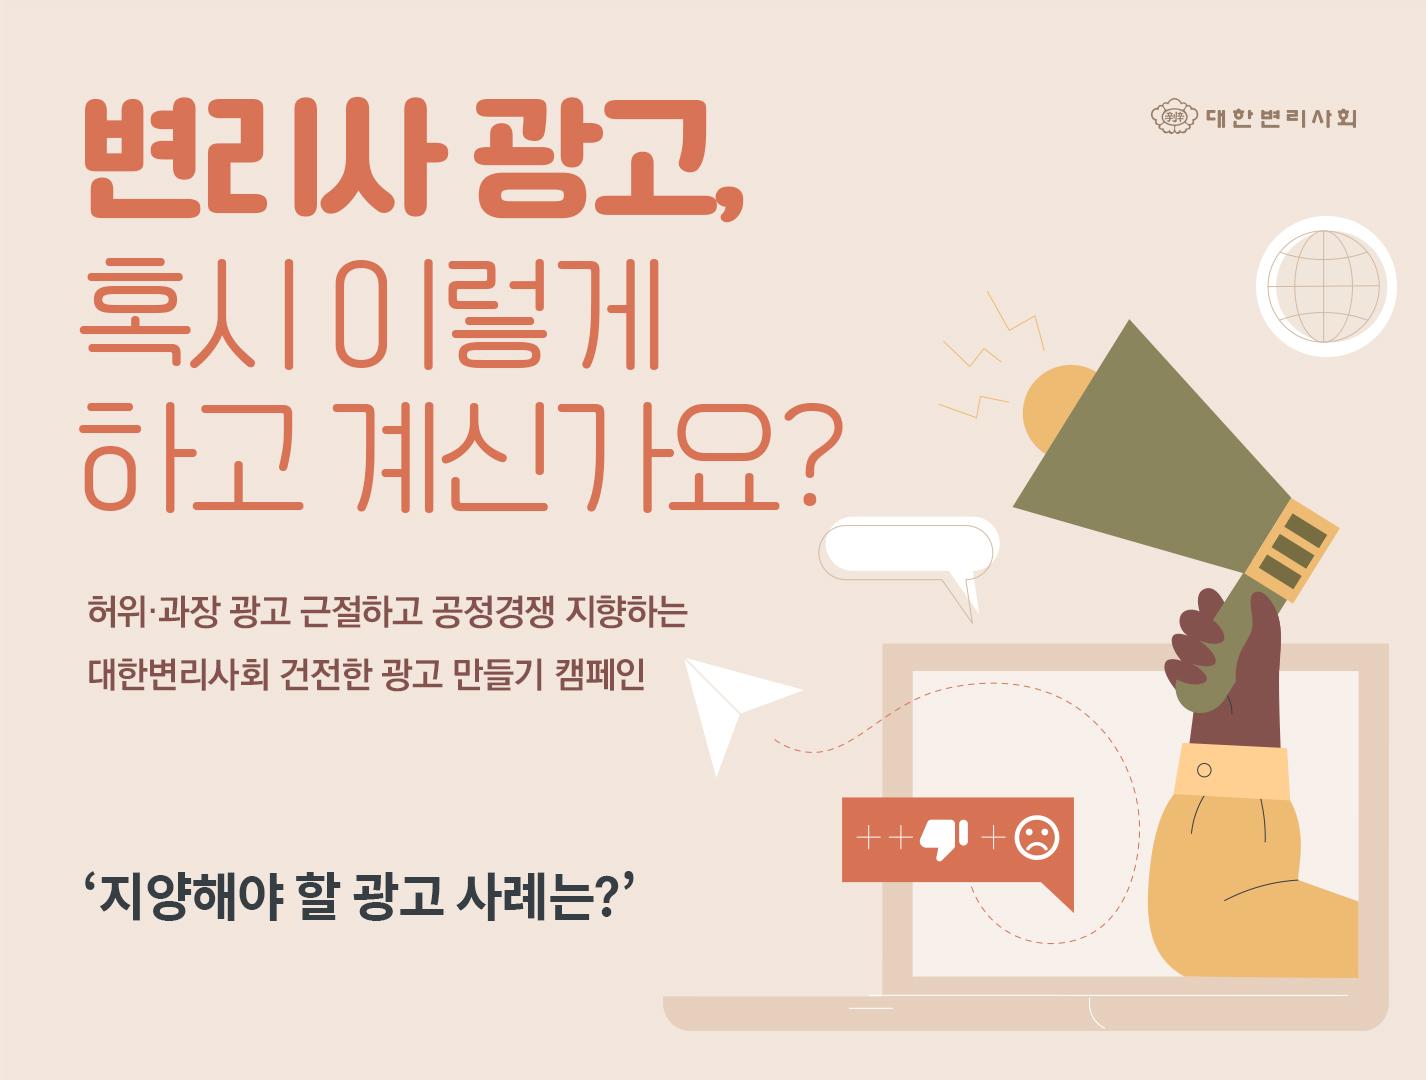 공정경쟁 유도 위한 변리사 광고캠페인